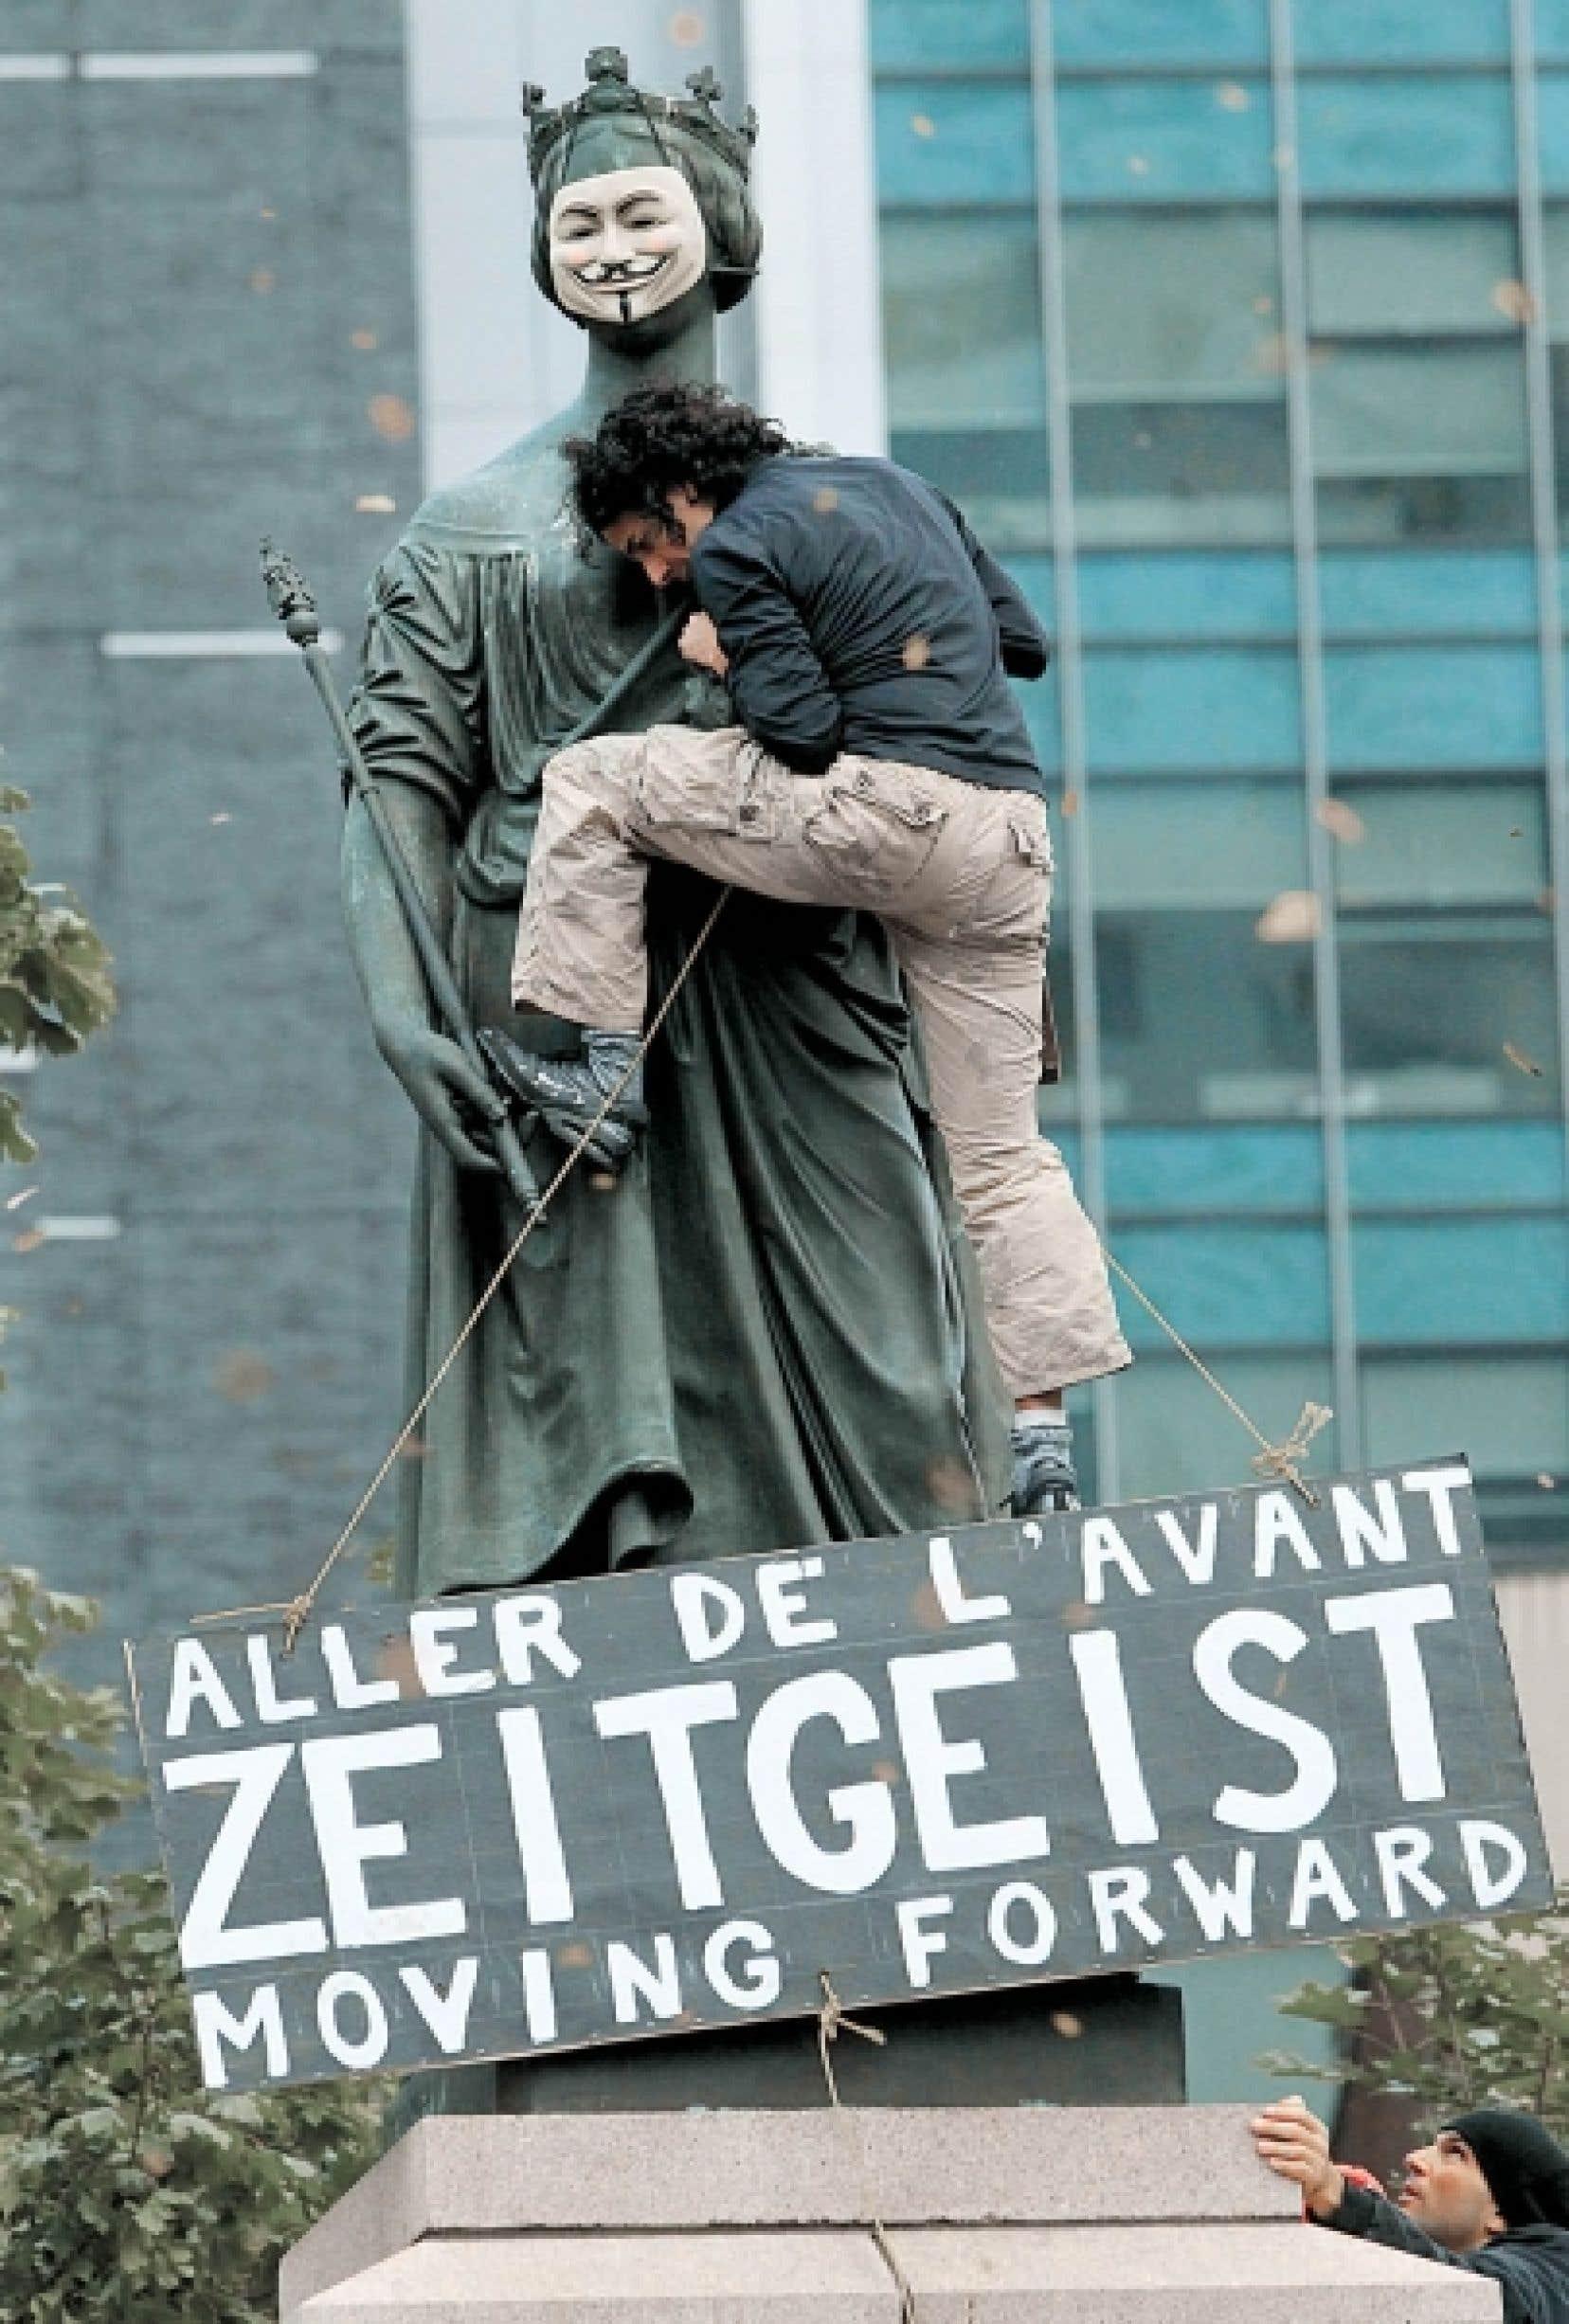 Les 99 % s'indignent place du Peuple. Zeitgeist moving forward est un film, un mouvement, une façon de repenser le capitalisme.<br />